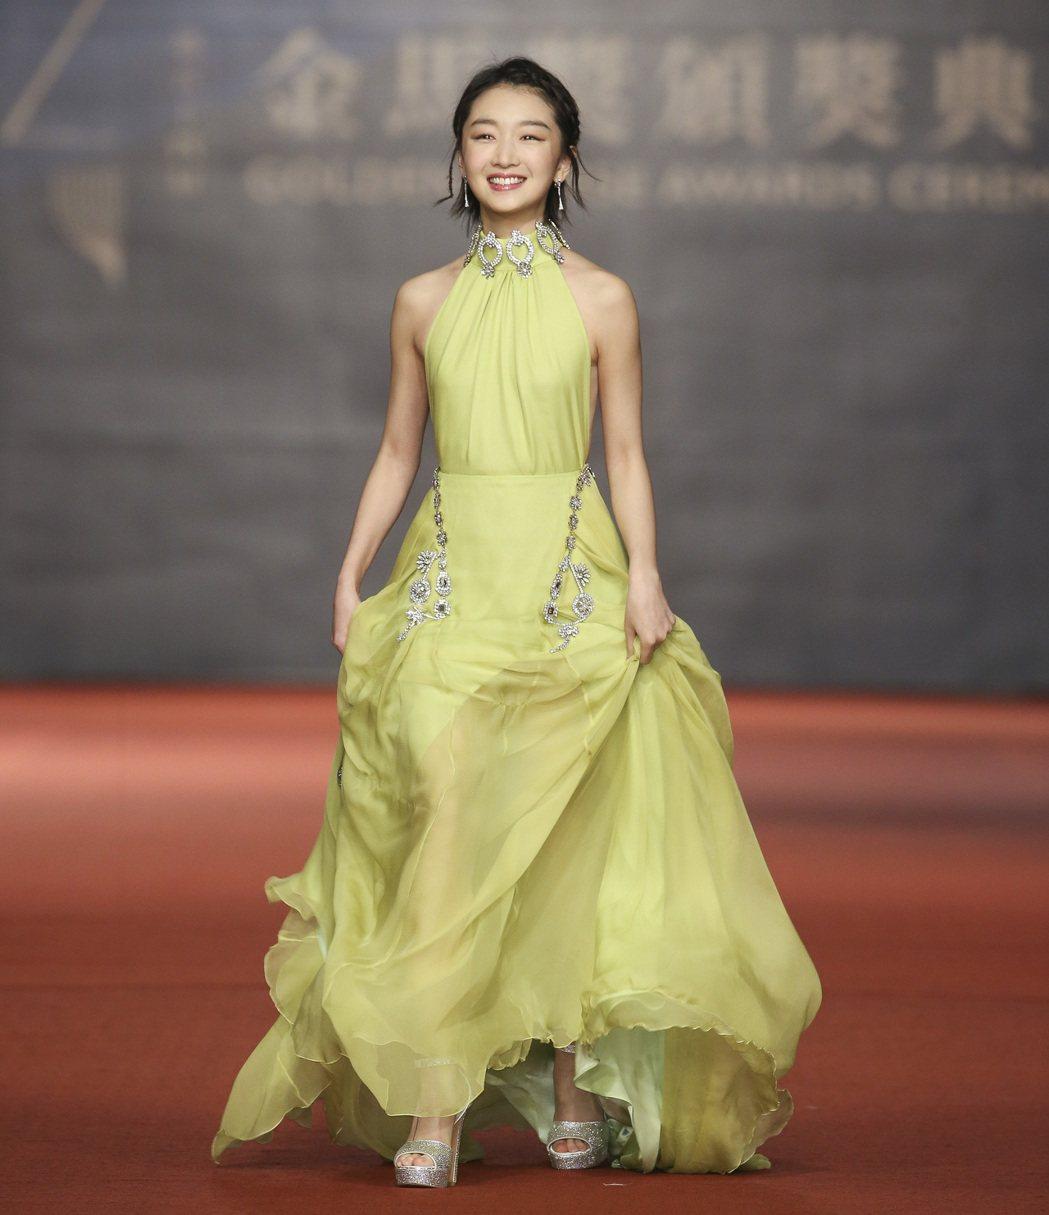 第五十四屆金馬獎頒獎嘉賓周冬雨走紅毯。記者陳立凱/攝影